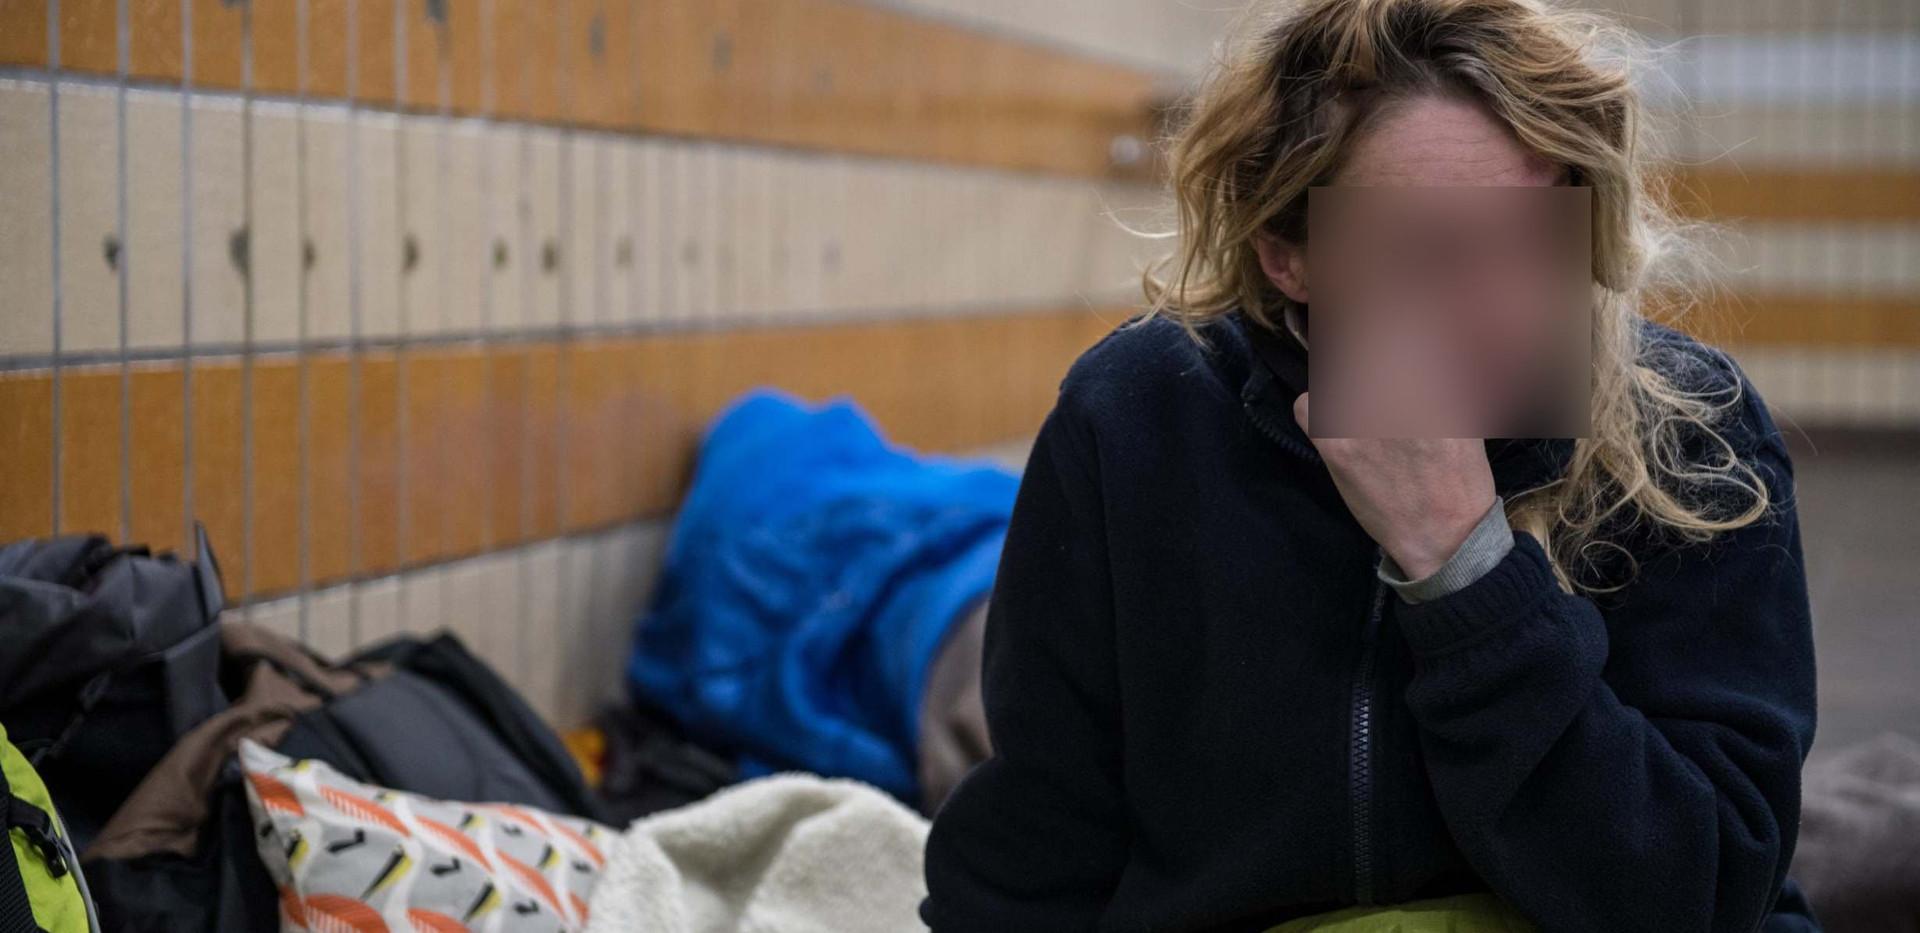 homeless woman3 blur face only.jpg